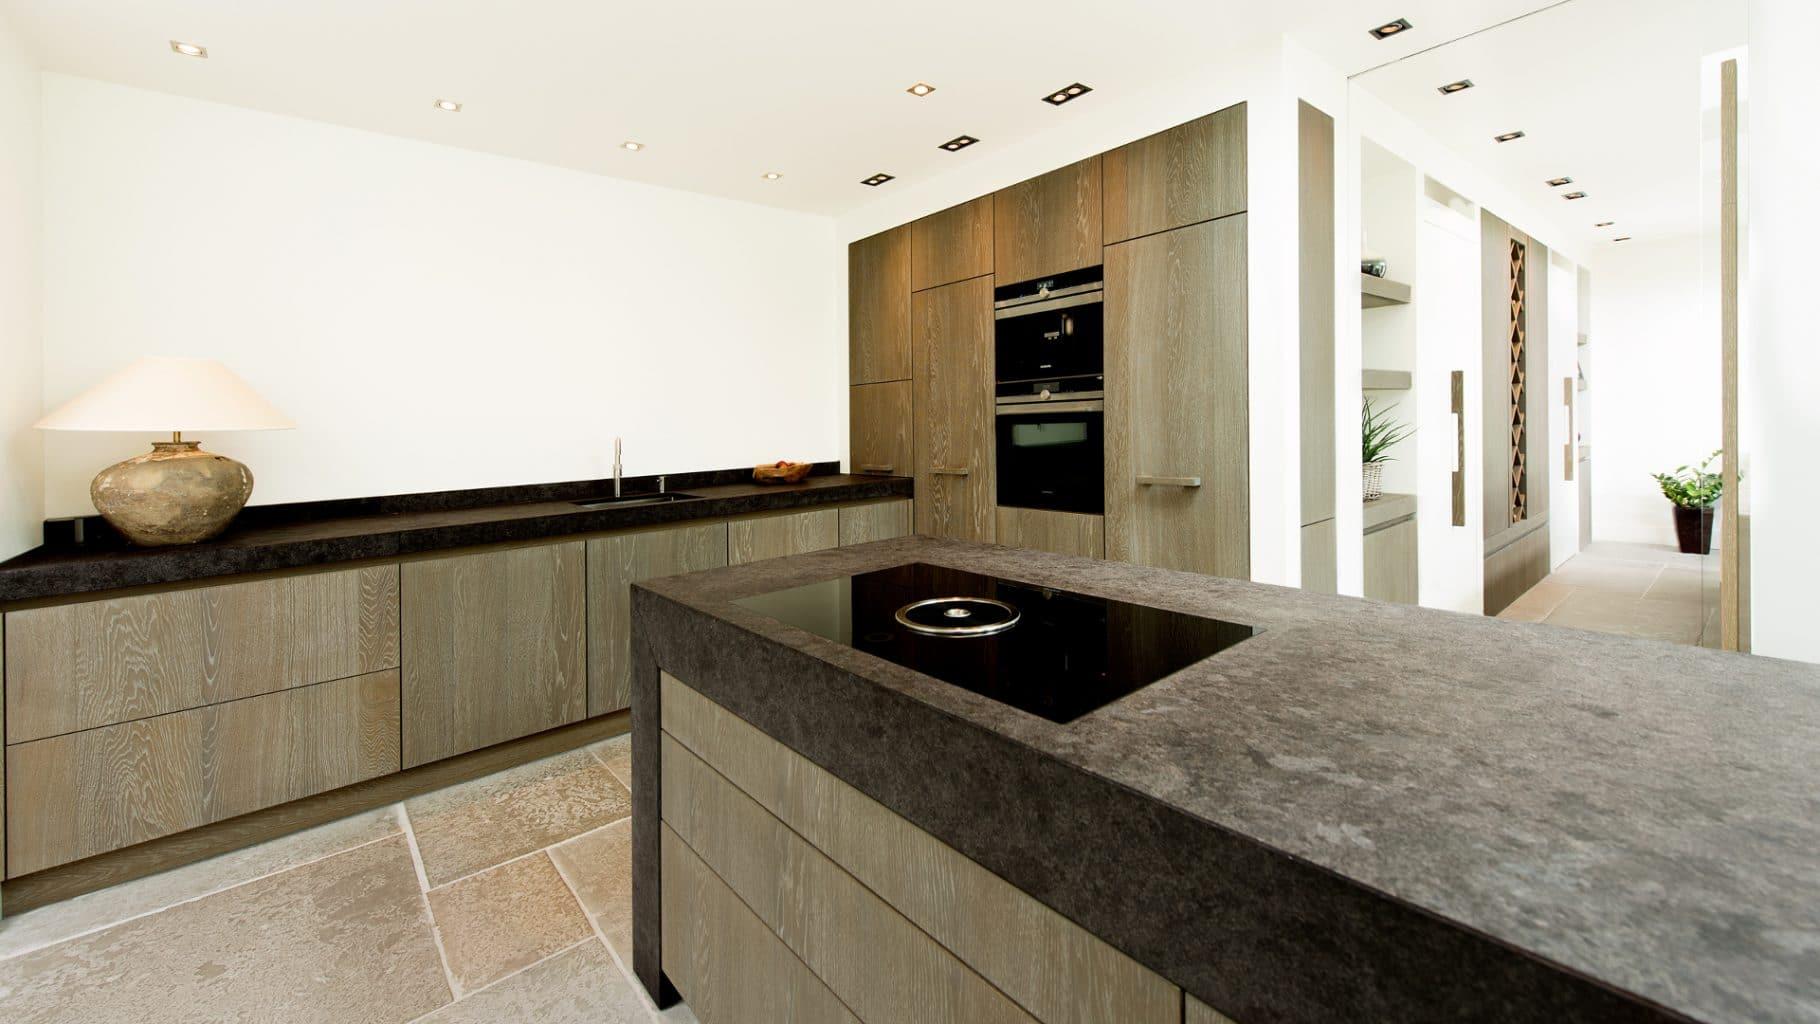 Keuken Op Maat : Keukens op maat borne of maatwerk keuken in twente